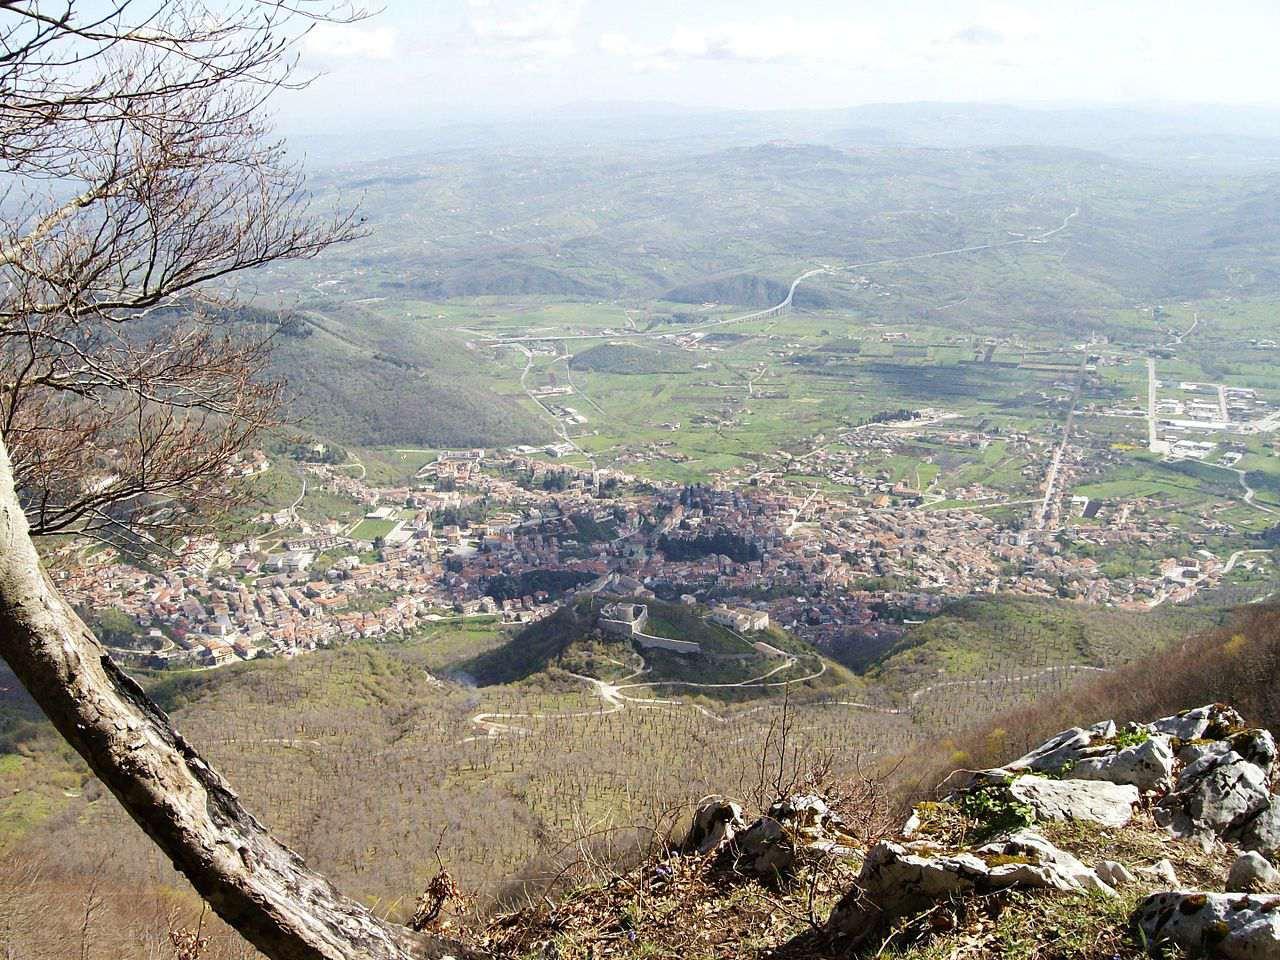 Vista di Montella e dell'Alta Valle del Calore